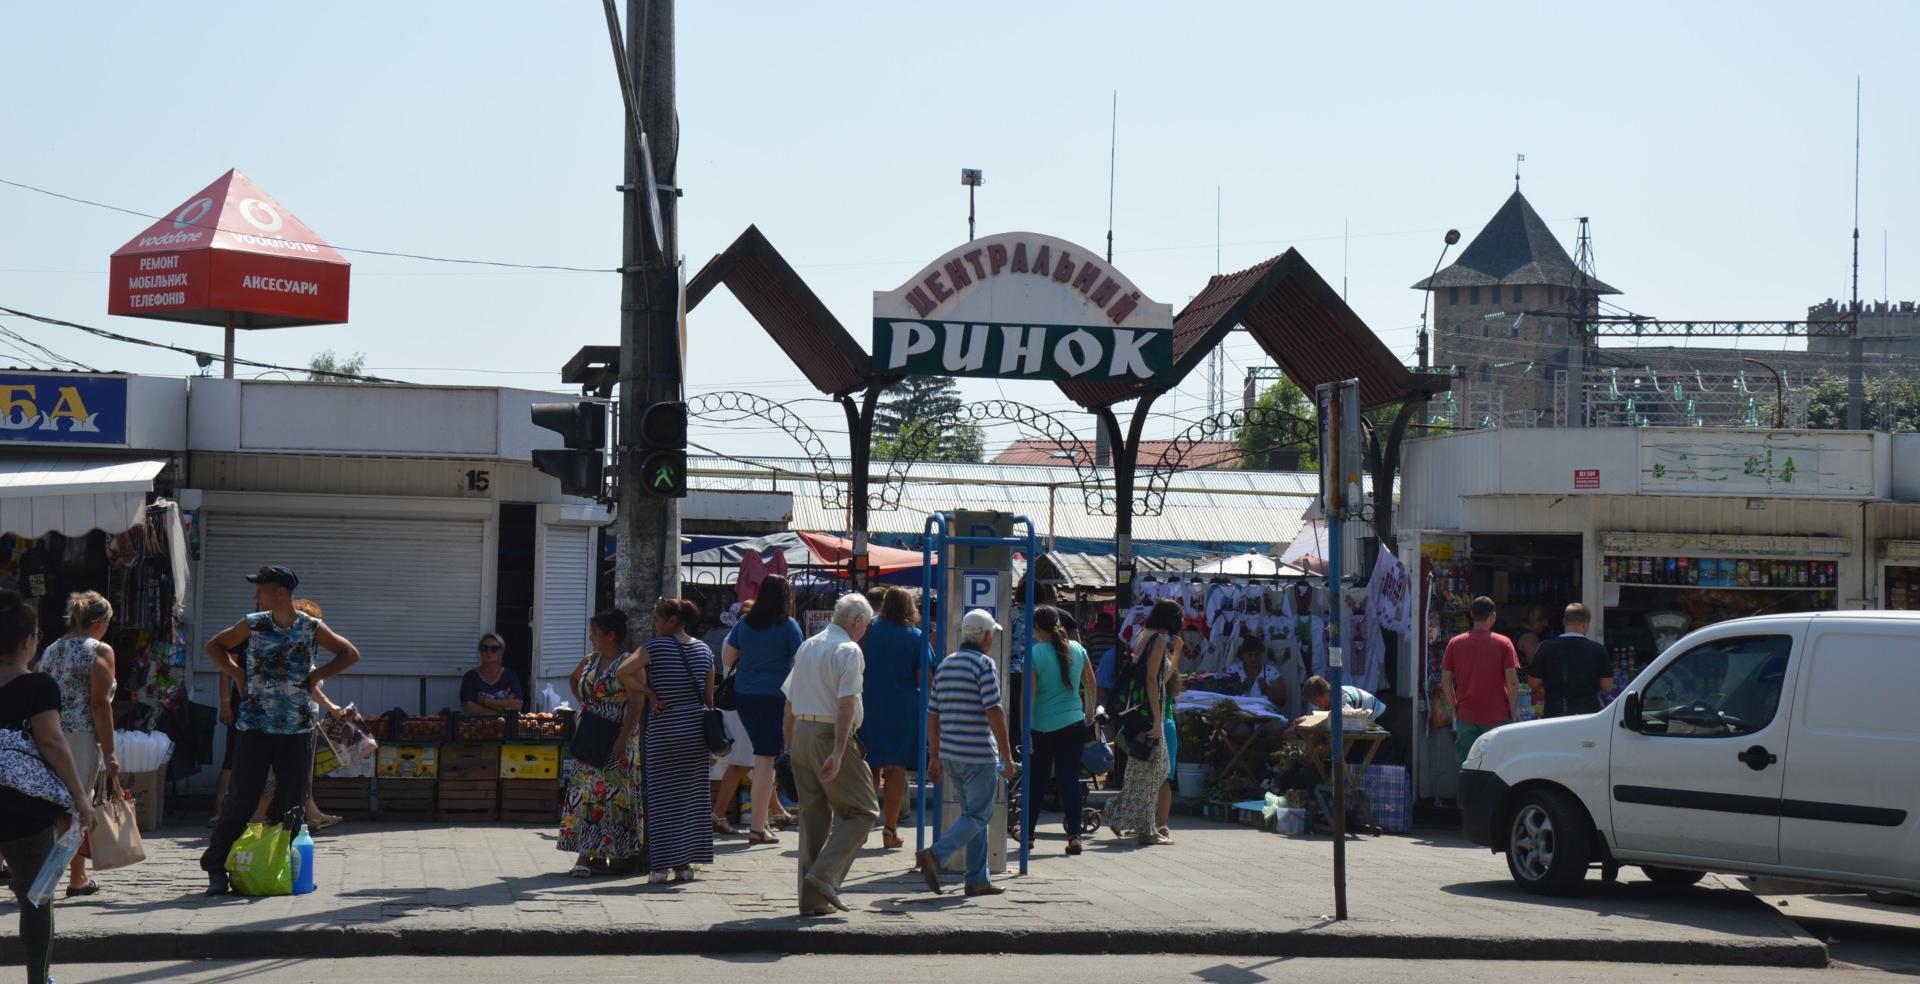 Деякі підприємці вже переїхали зі Старого ринку на Новий (фото, відео)